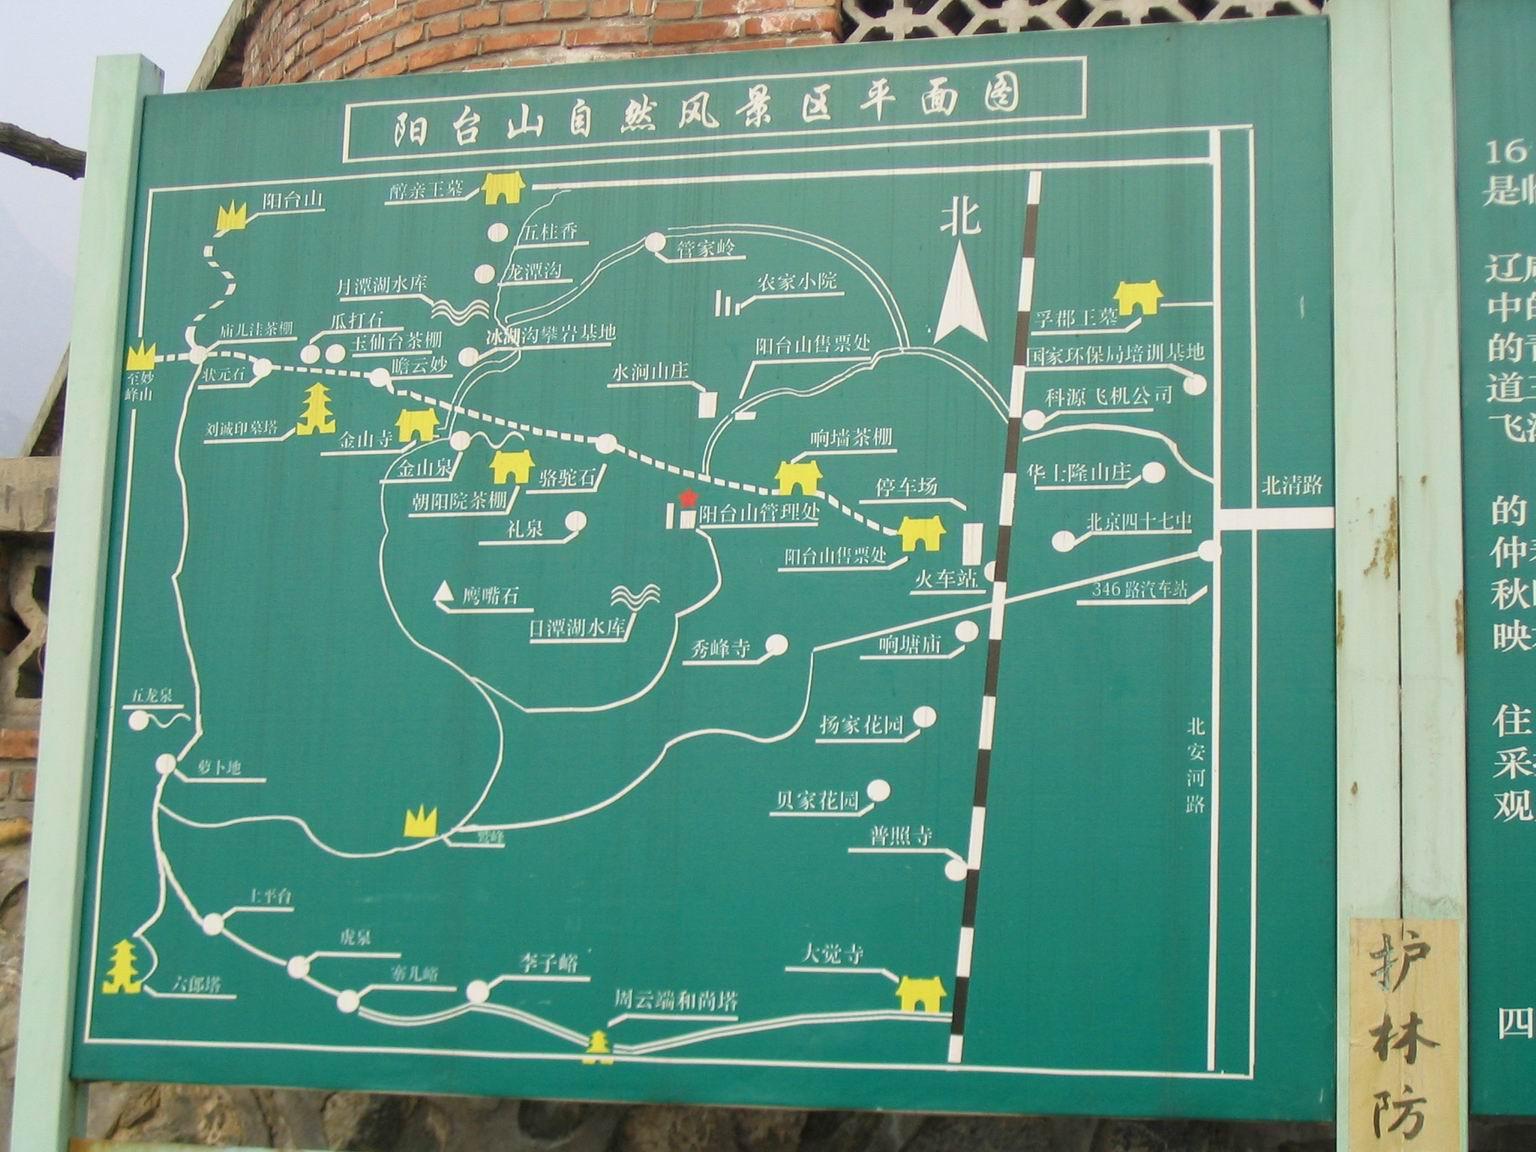 阳台山风景区地图